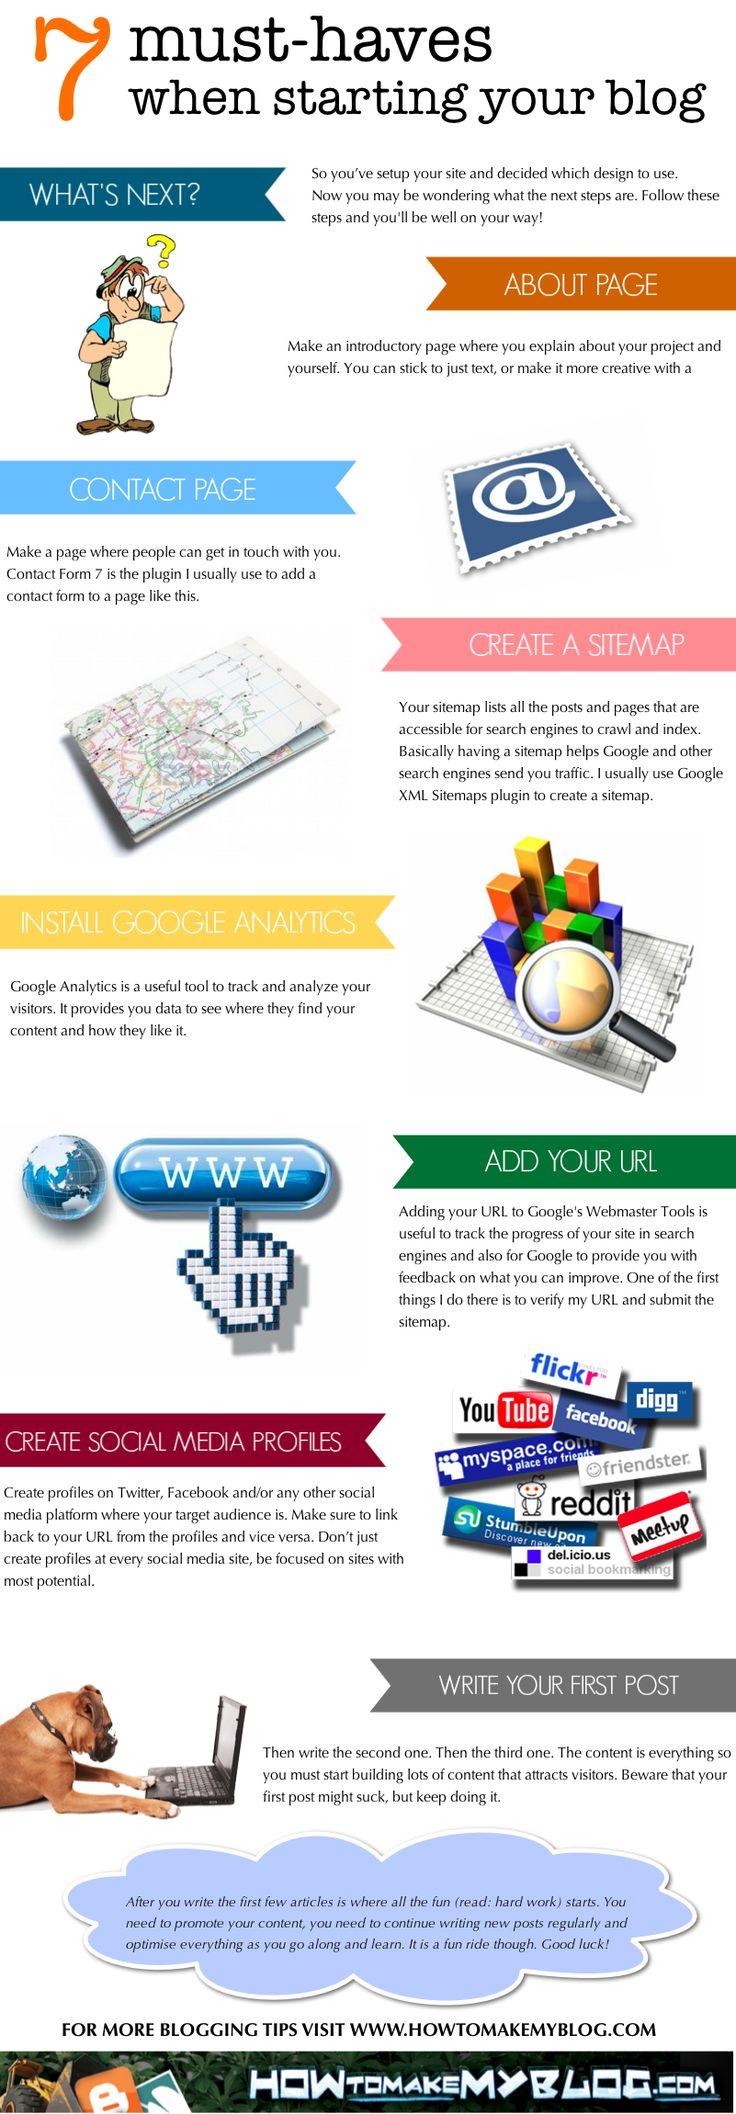 7 passos para iniciar seu blog (em inglês)